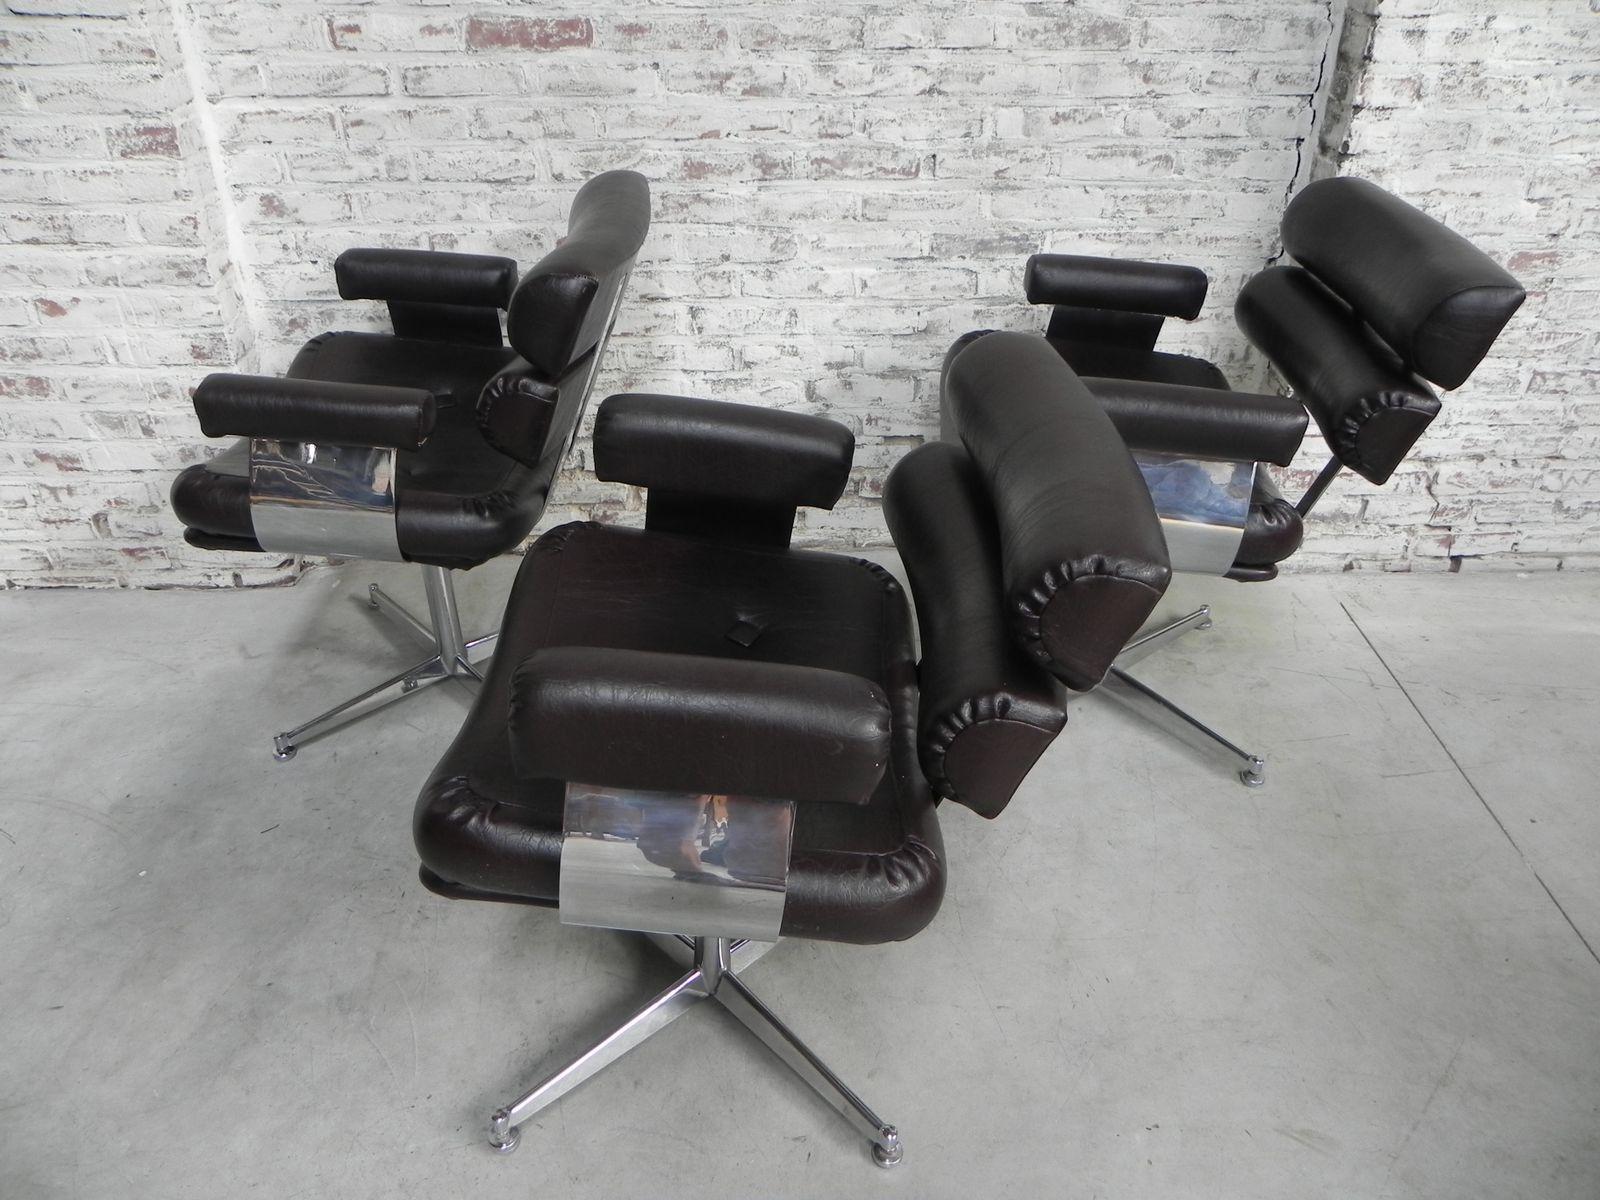 Poltrone per barbieri usate sedie zanotta usate divano for Sedia design usata